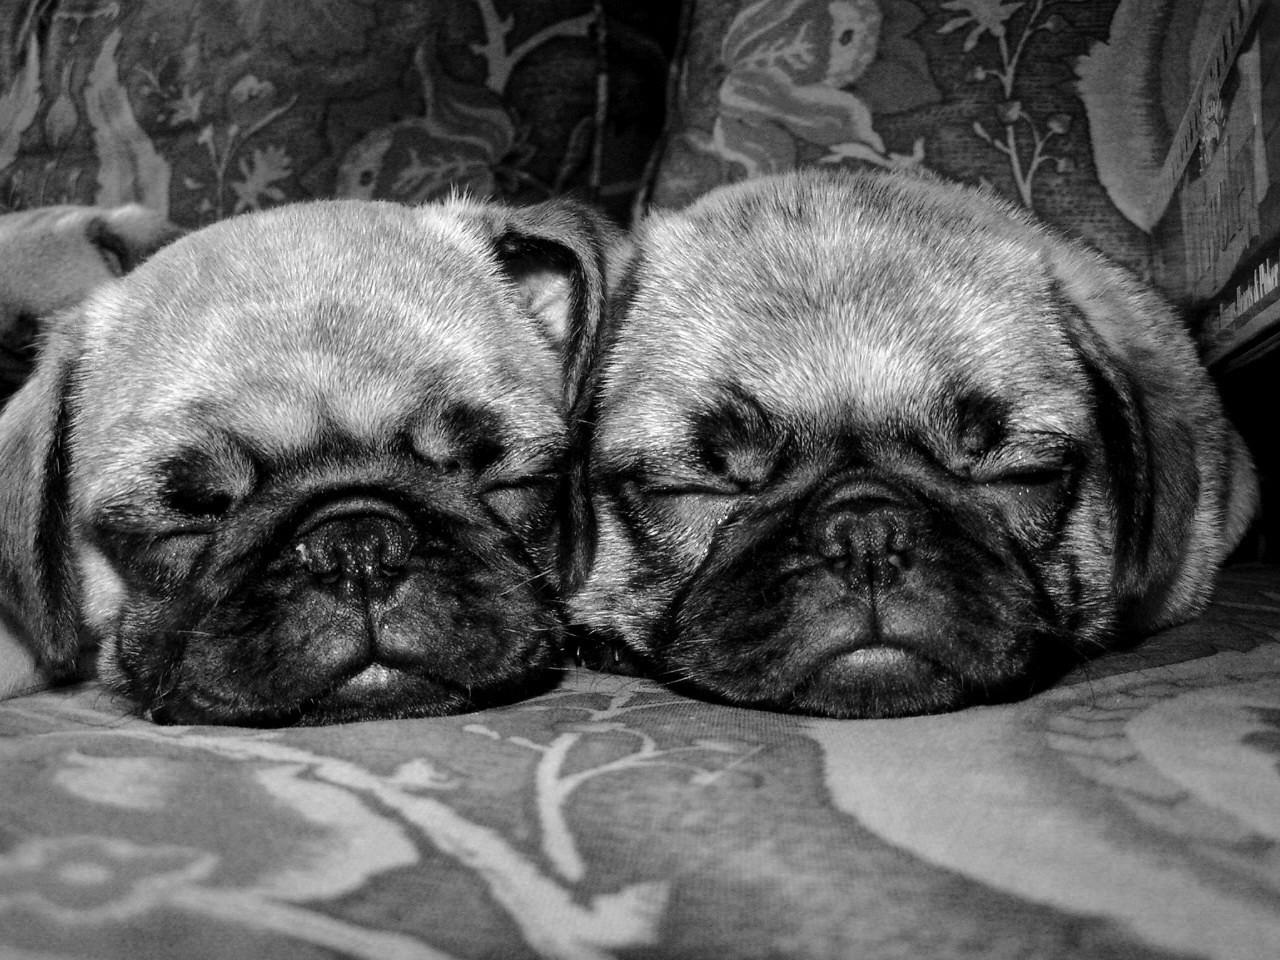 A pair of sleepy pugs